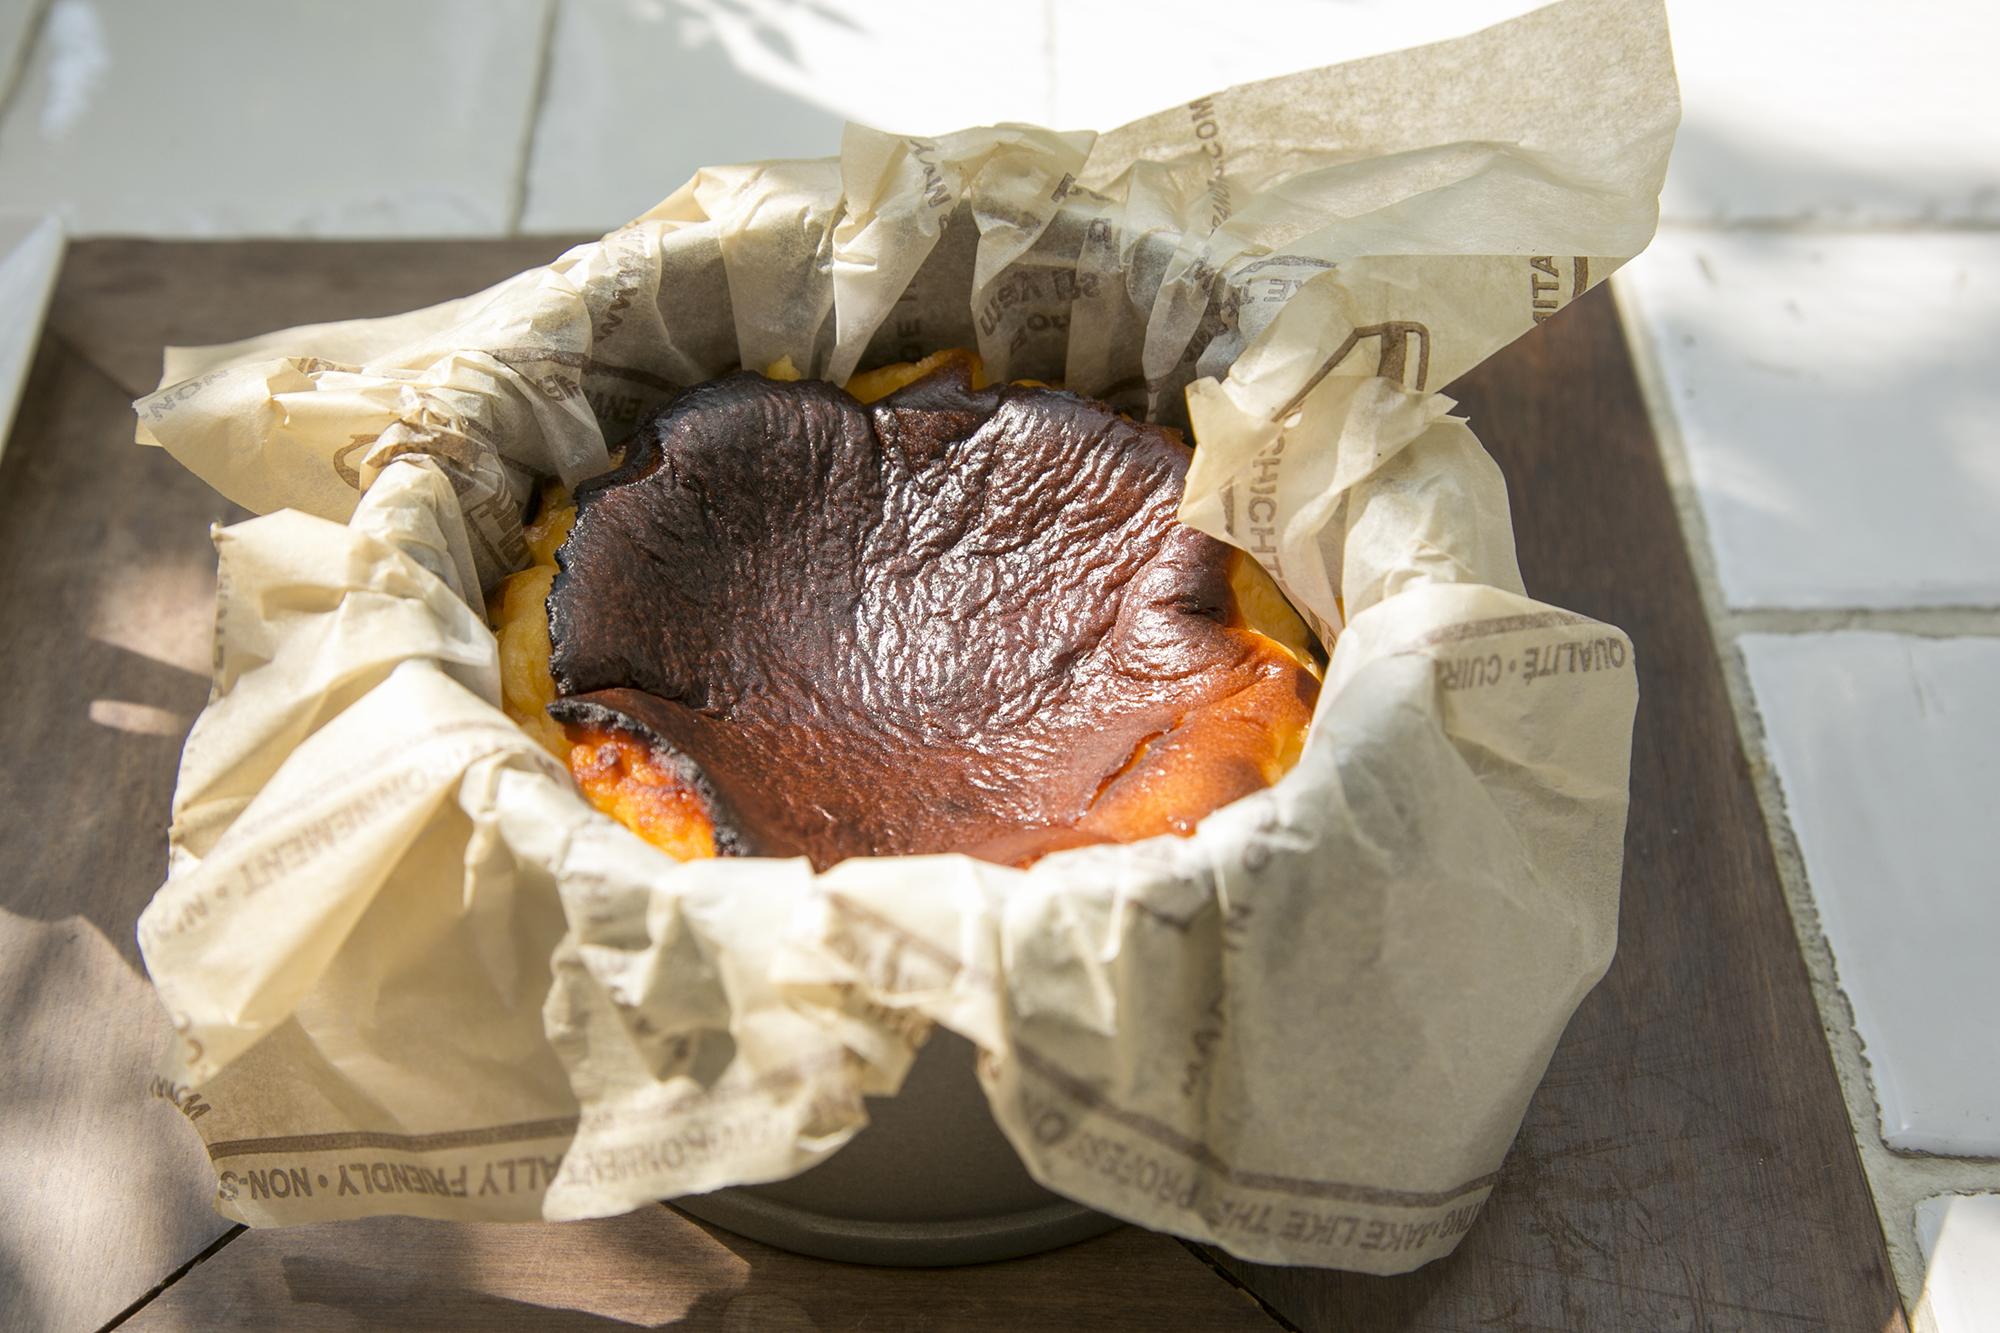 チーズ好きにもスイーツ好きにもおすすめなのは、ガーデン&クラフツ カフェのコルテッツァチーズケーキ。